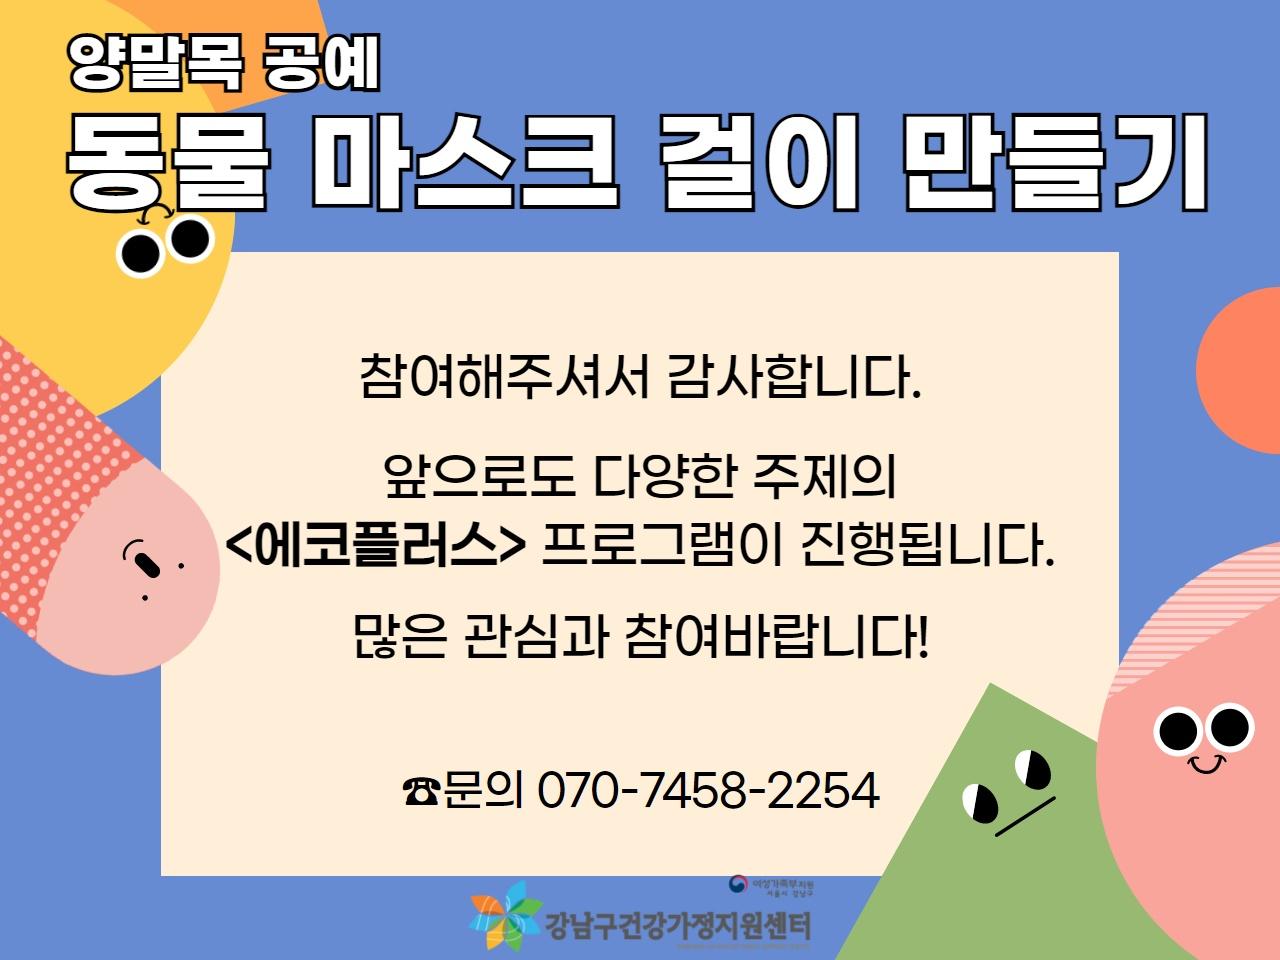 [에코플러스]양말목 공예1 동물마스크걸이 만들기